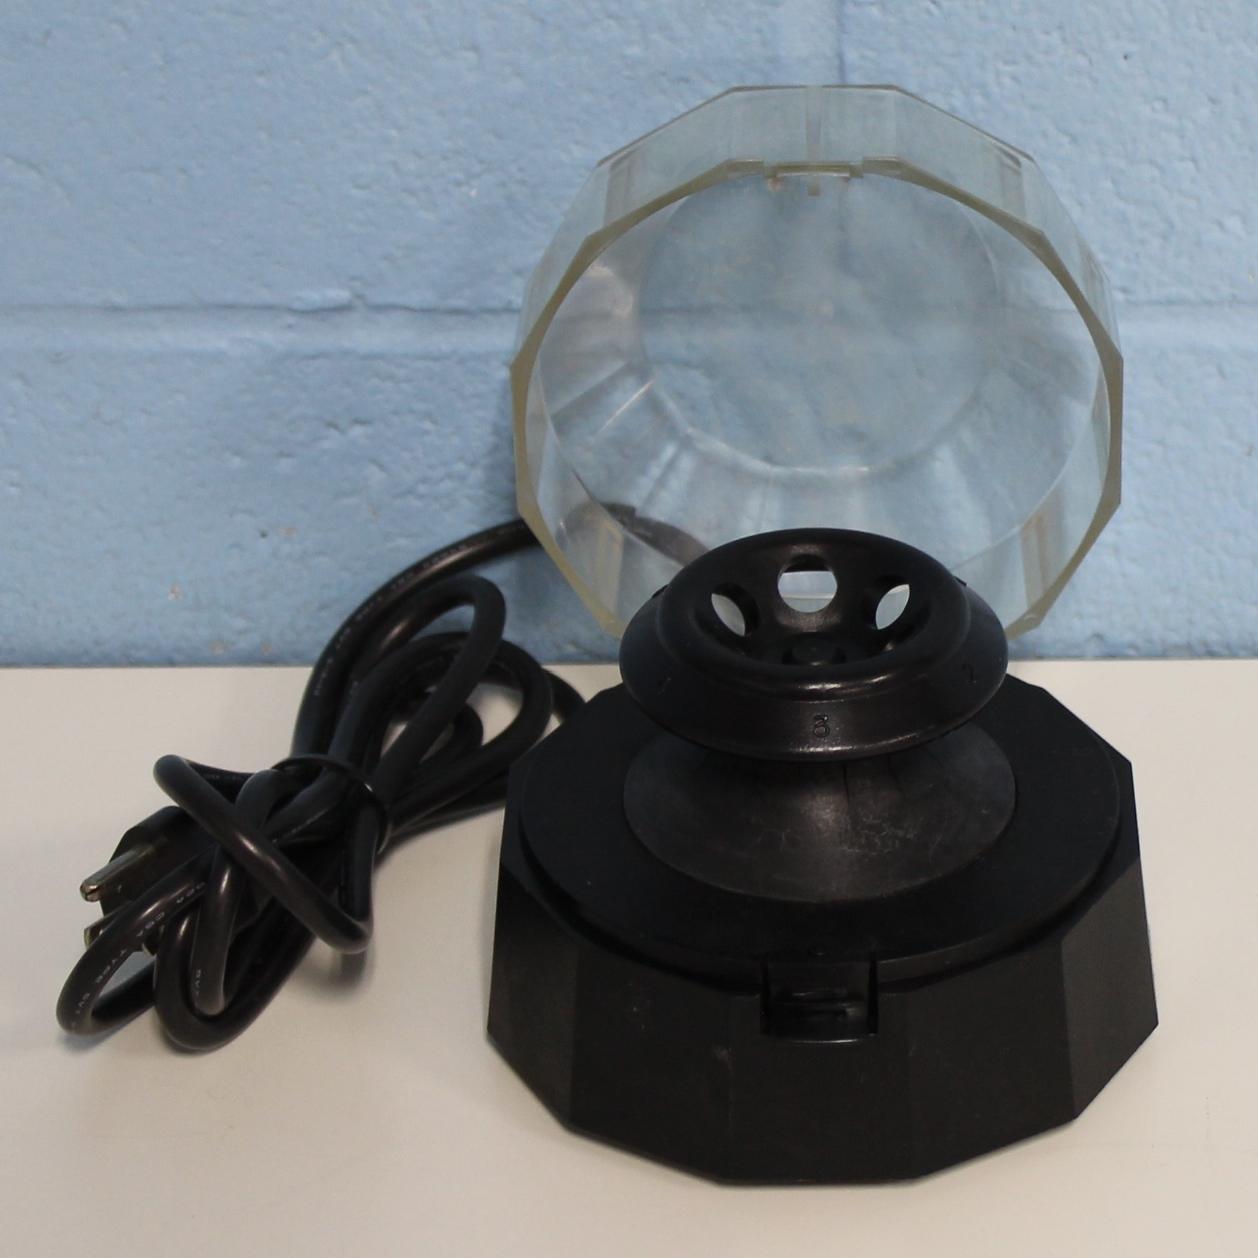 Stratagene PicoFuge Microcentrifuge 400550 Image